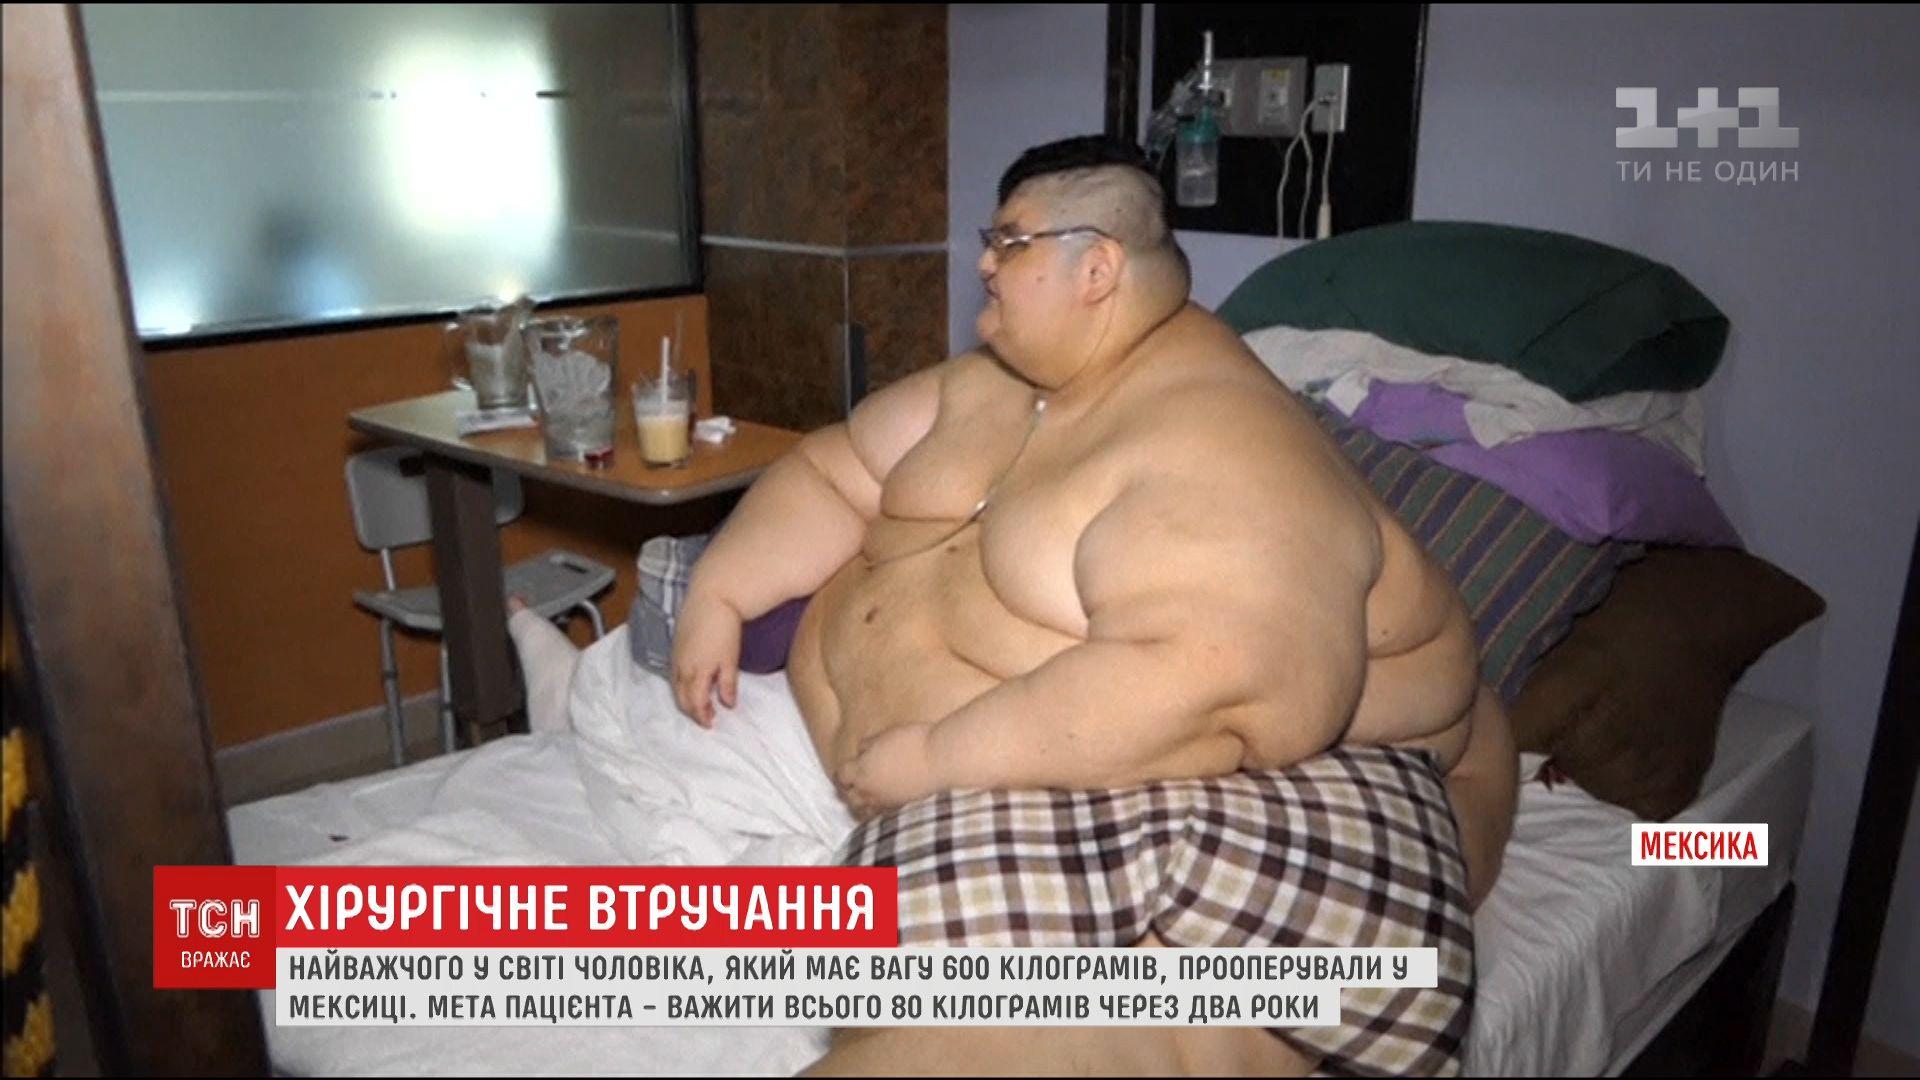 Худой парень ебет толстую жопу, Толстый мужик ебёт девчонку (видео) 21 фотография